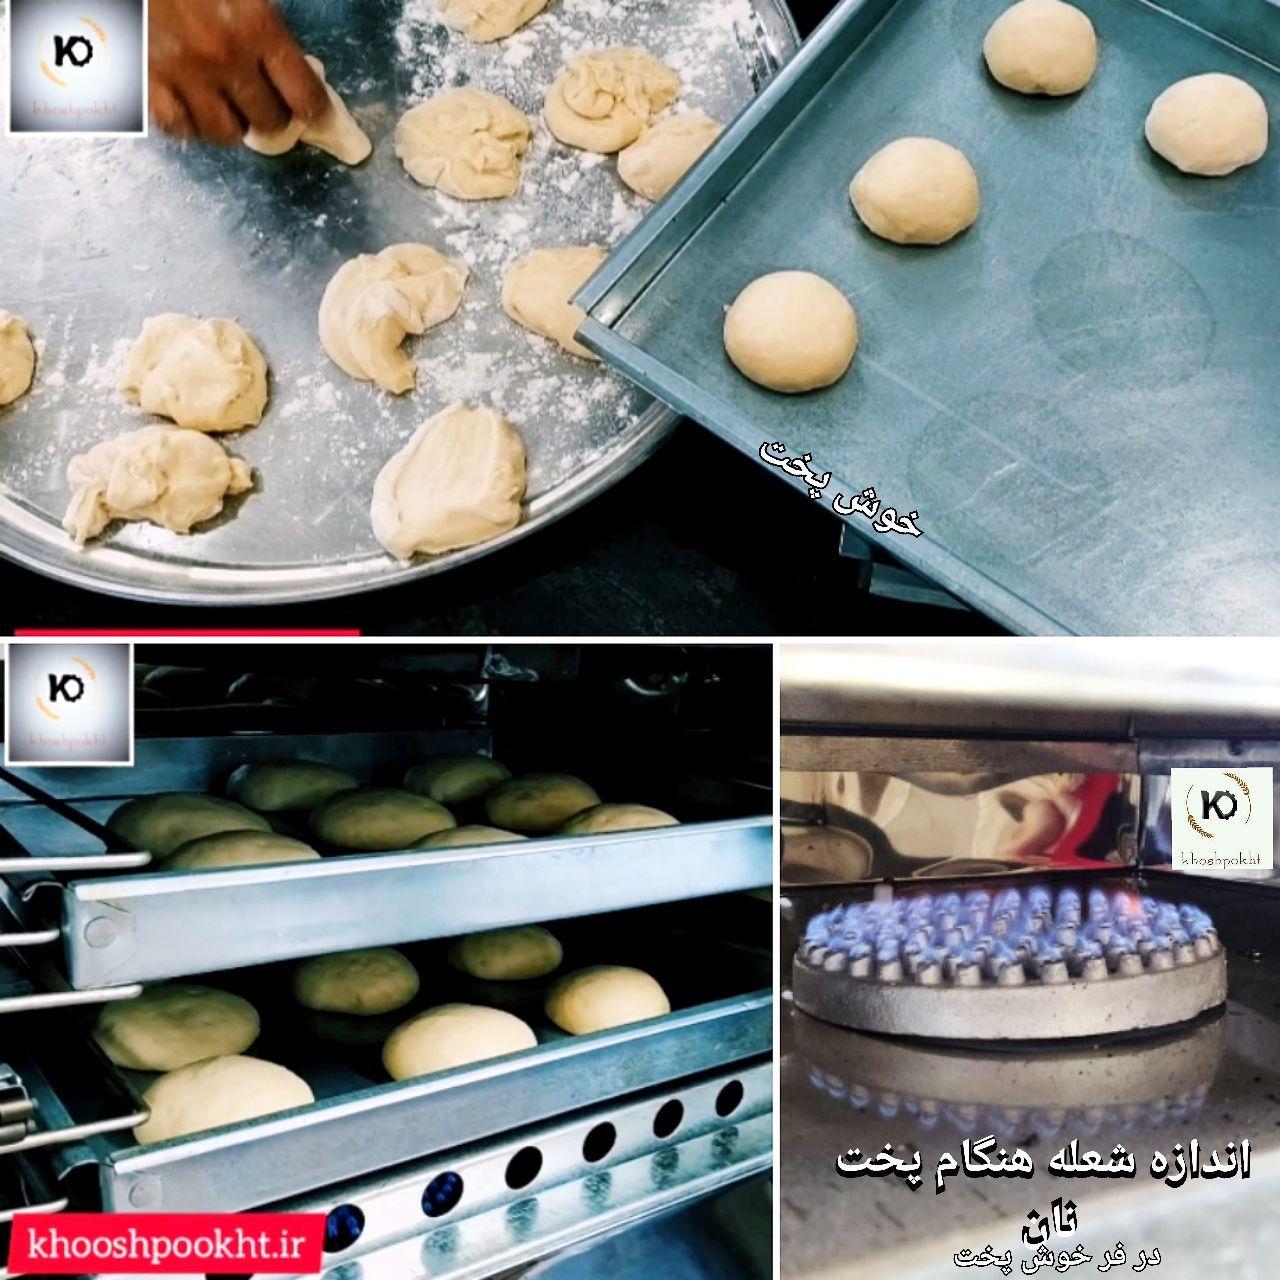 آموزش پخت نان تنوری